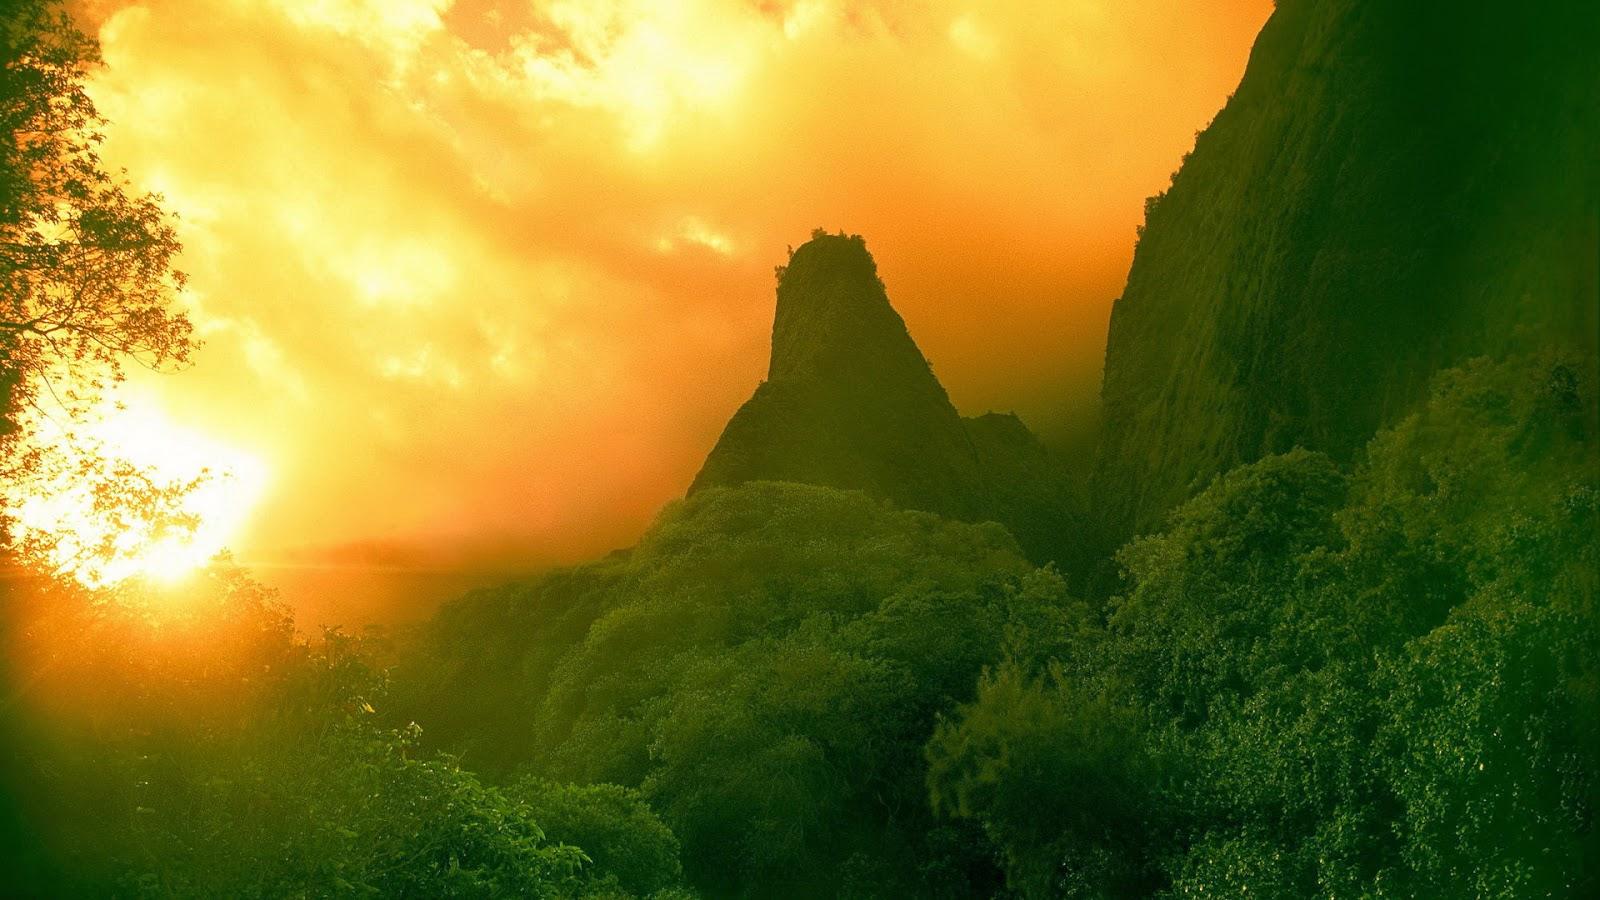 Wallpaper met groene heuvels bij zonsondergang